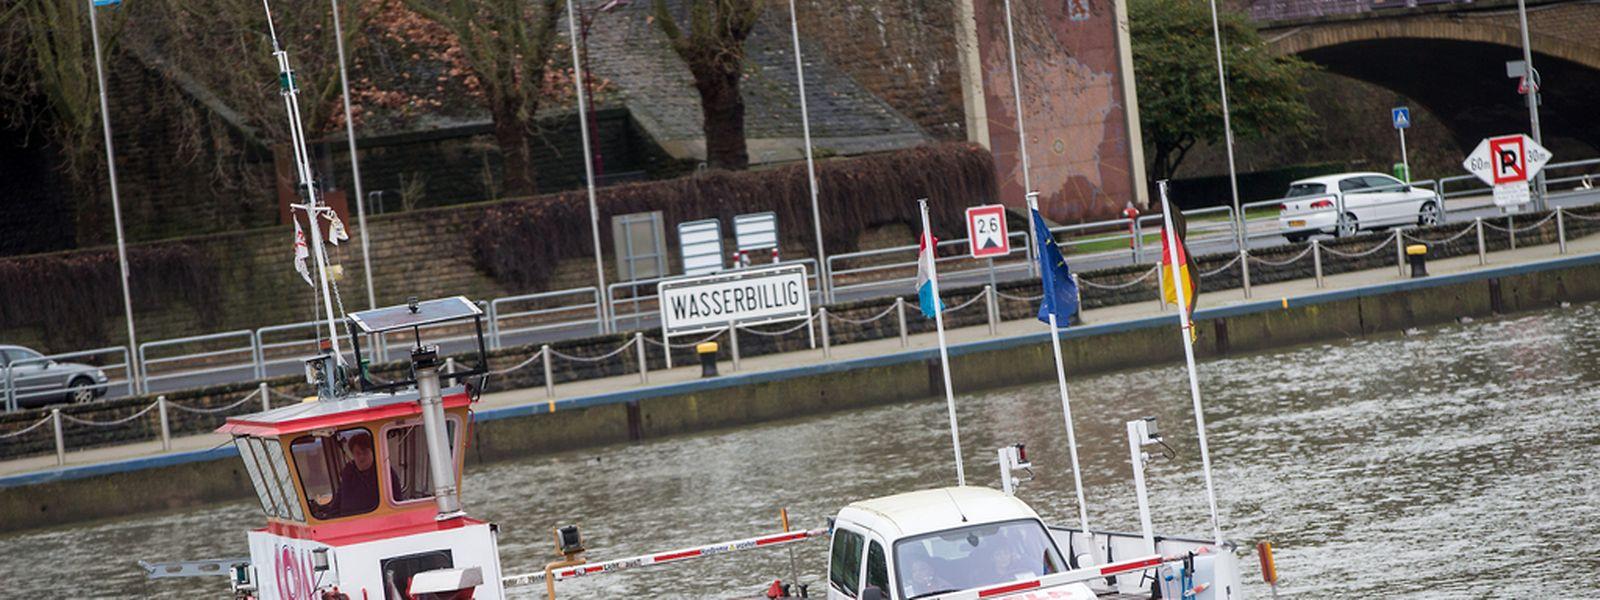 Die Fähre zwischen Wasserbillig und Oberbillig (D) an der Mosel wirft laut dem Bürgermeister der deutschen Gemeinde, Andreas Beiling, Gewinn ab und soll auch weiter im Betrieb bleiben.